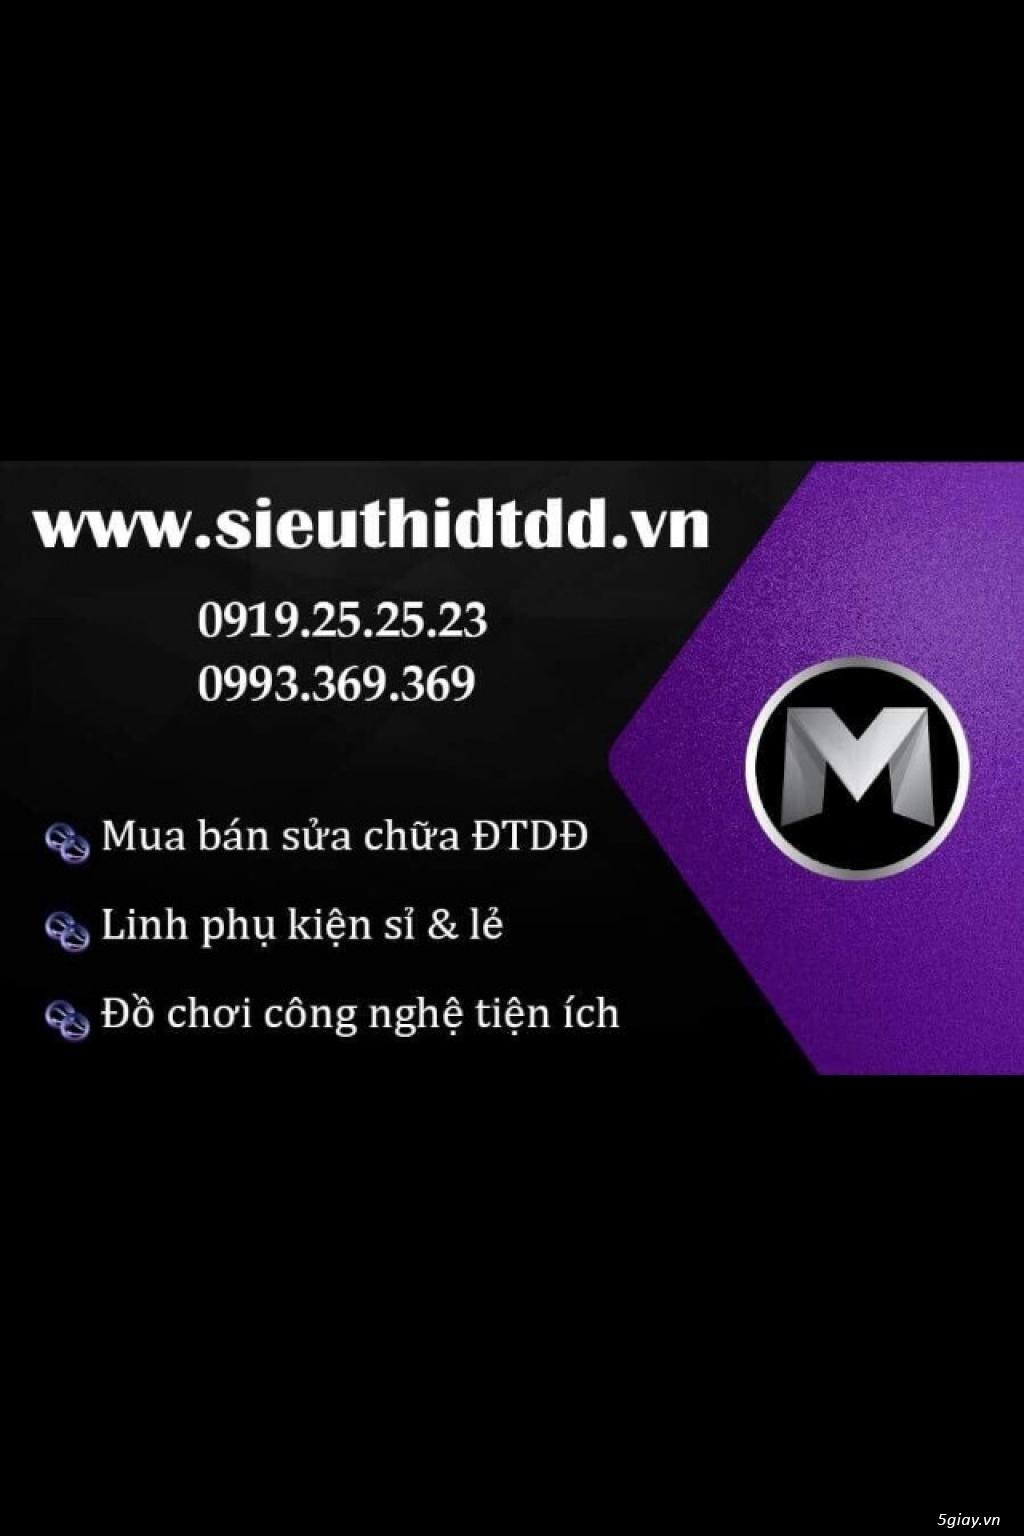 Trung tâm bán iPhone uy tín Phú Nhuận TP HCM - 2